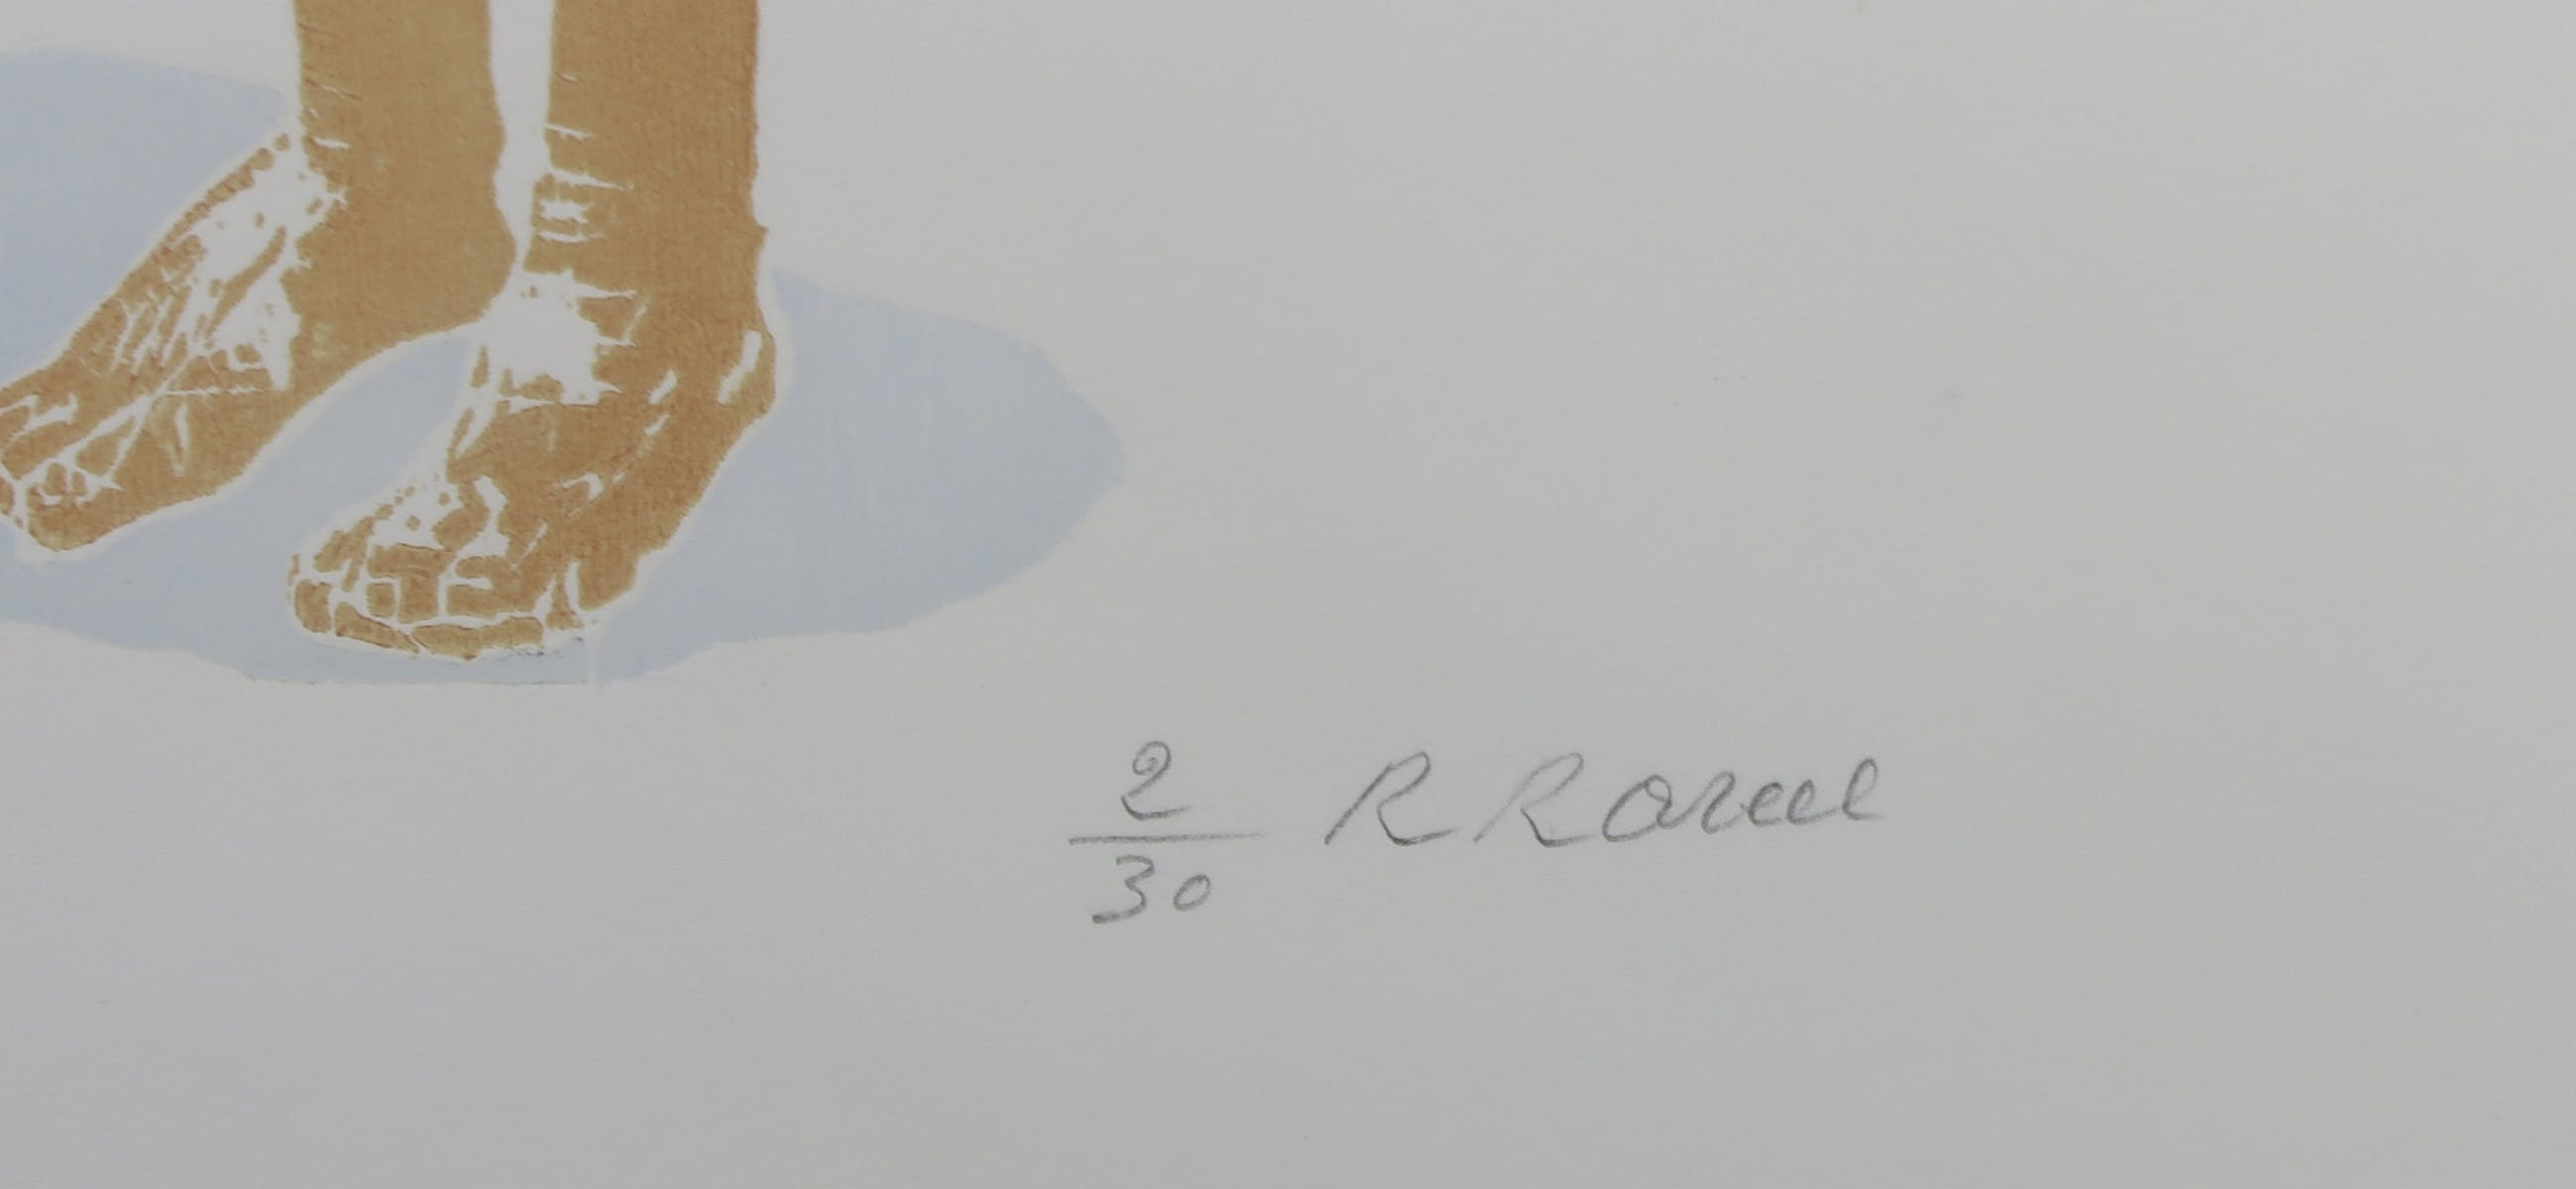 Roger Raveel - Houtsnede, Naakt - Ingelijst kopen? Bied vanaf 400!